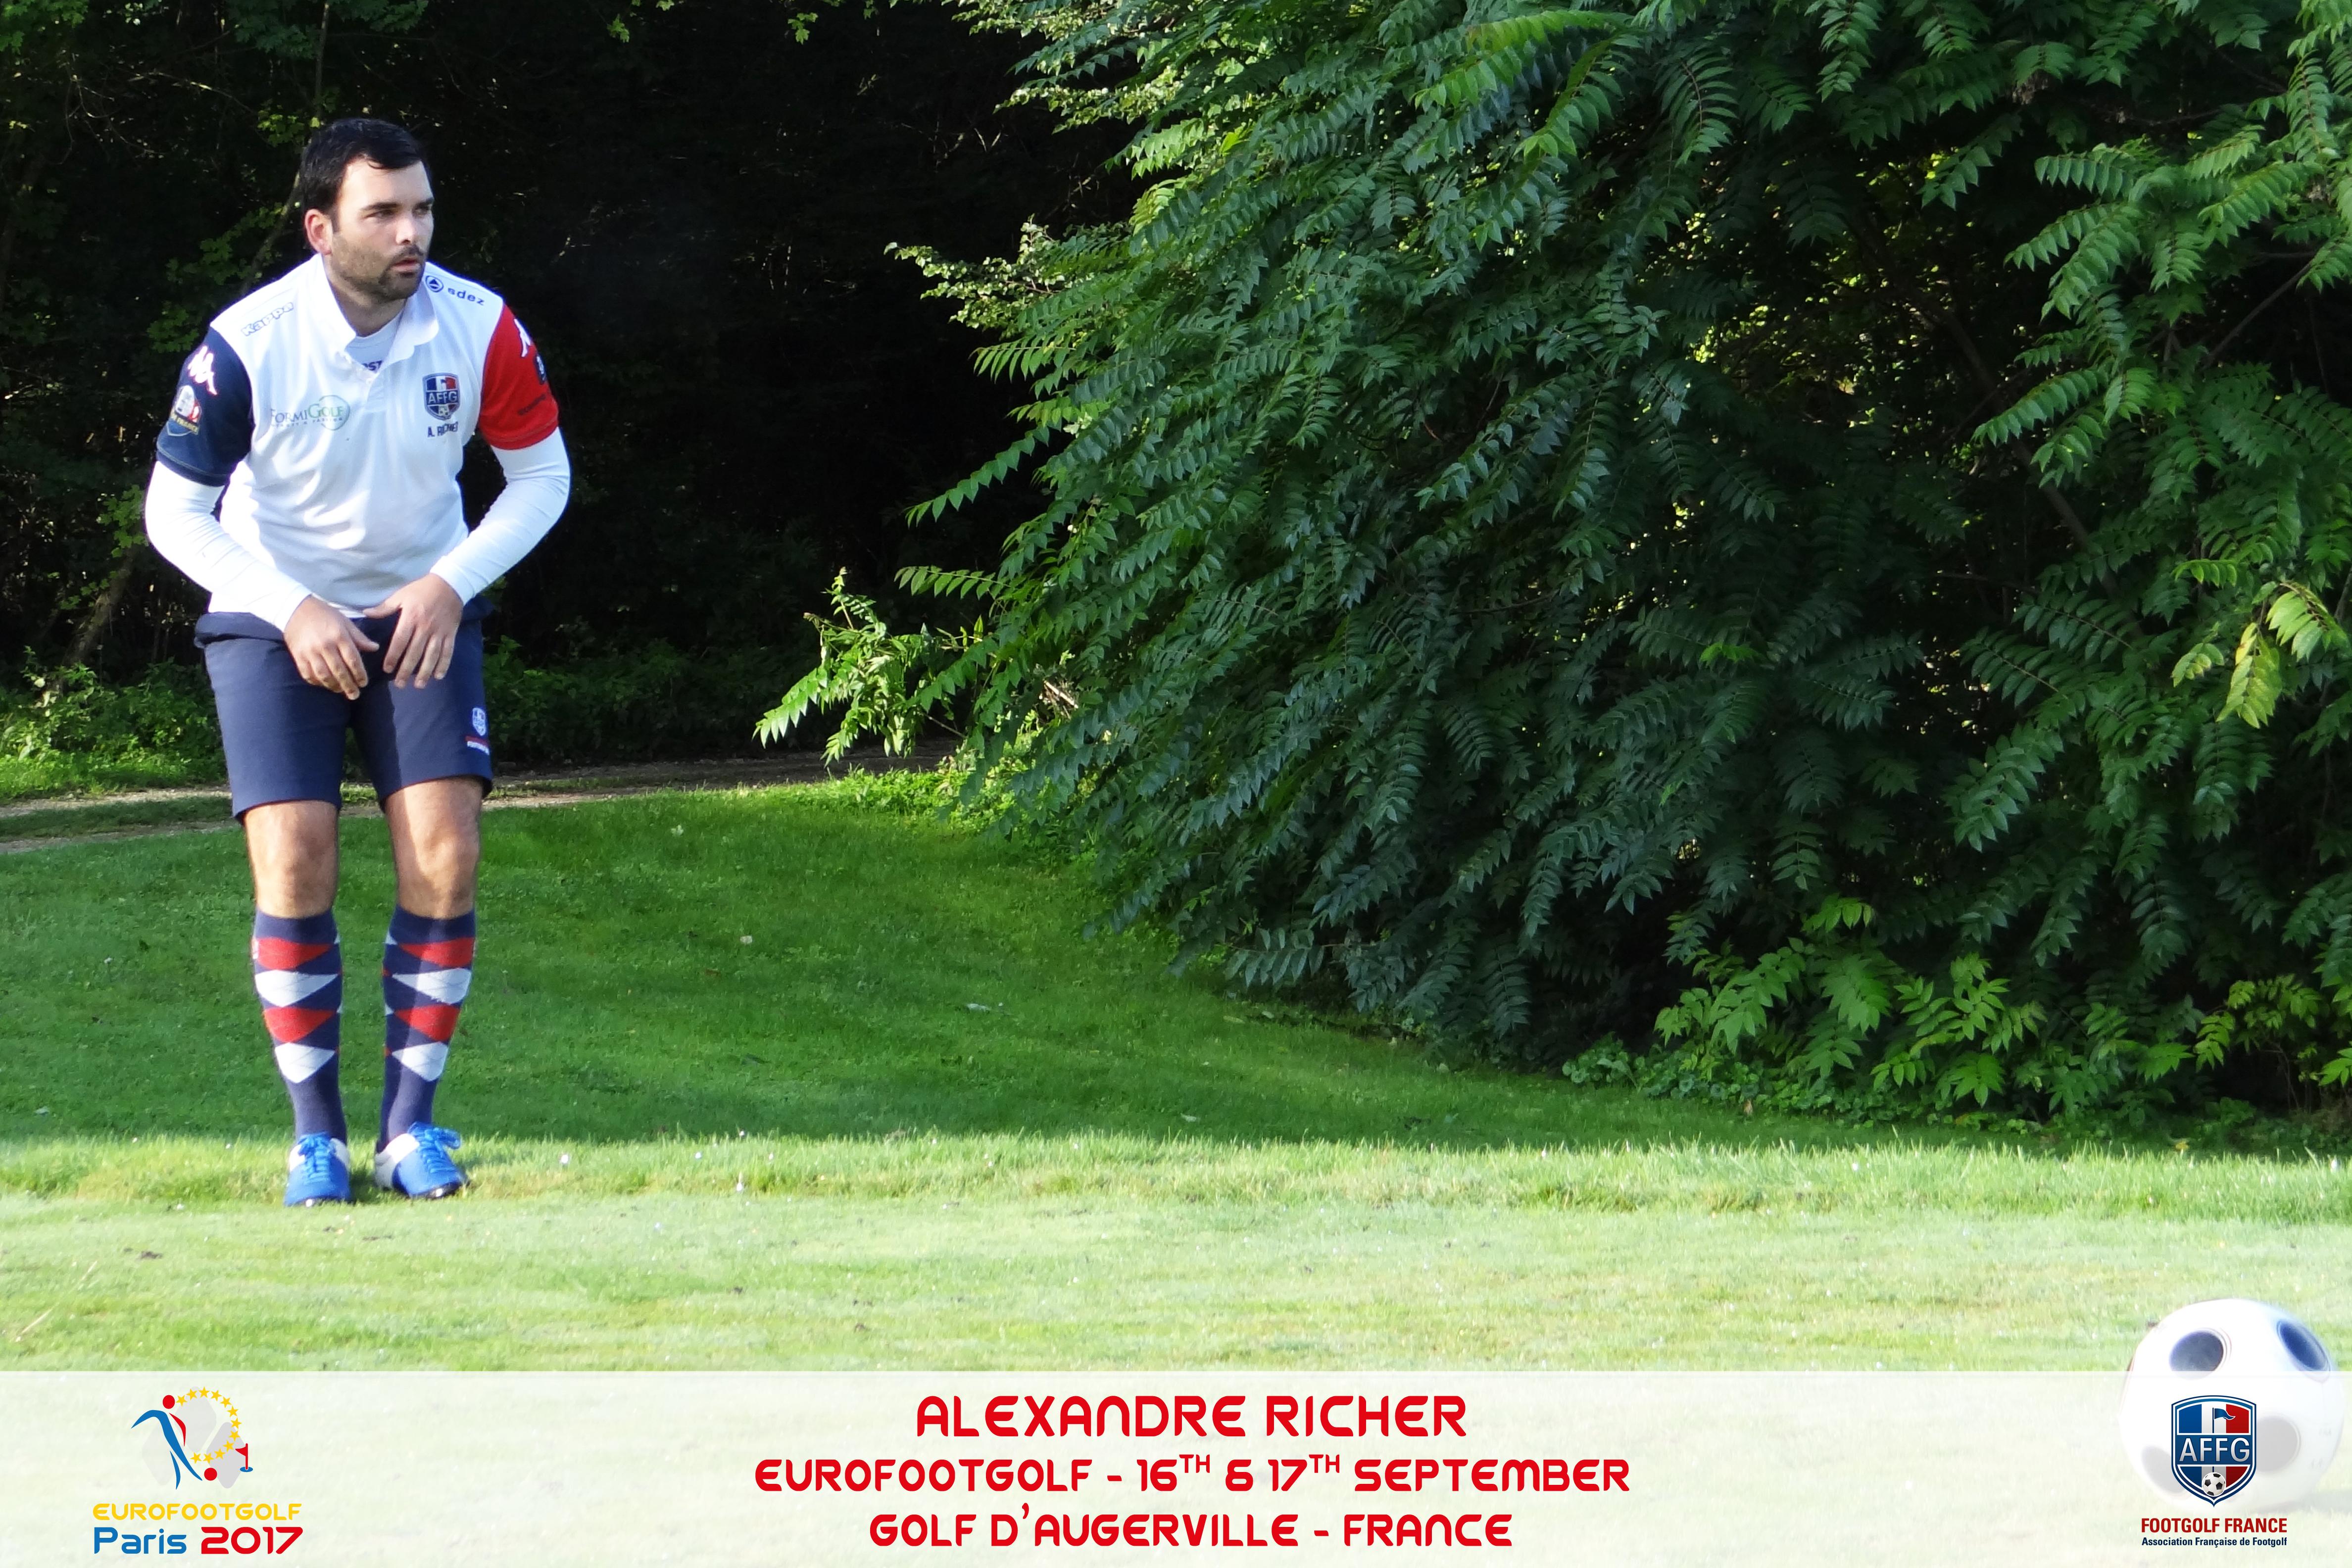 ALEXRICHER